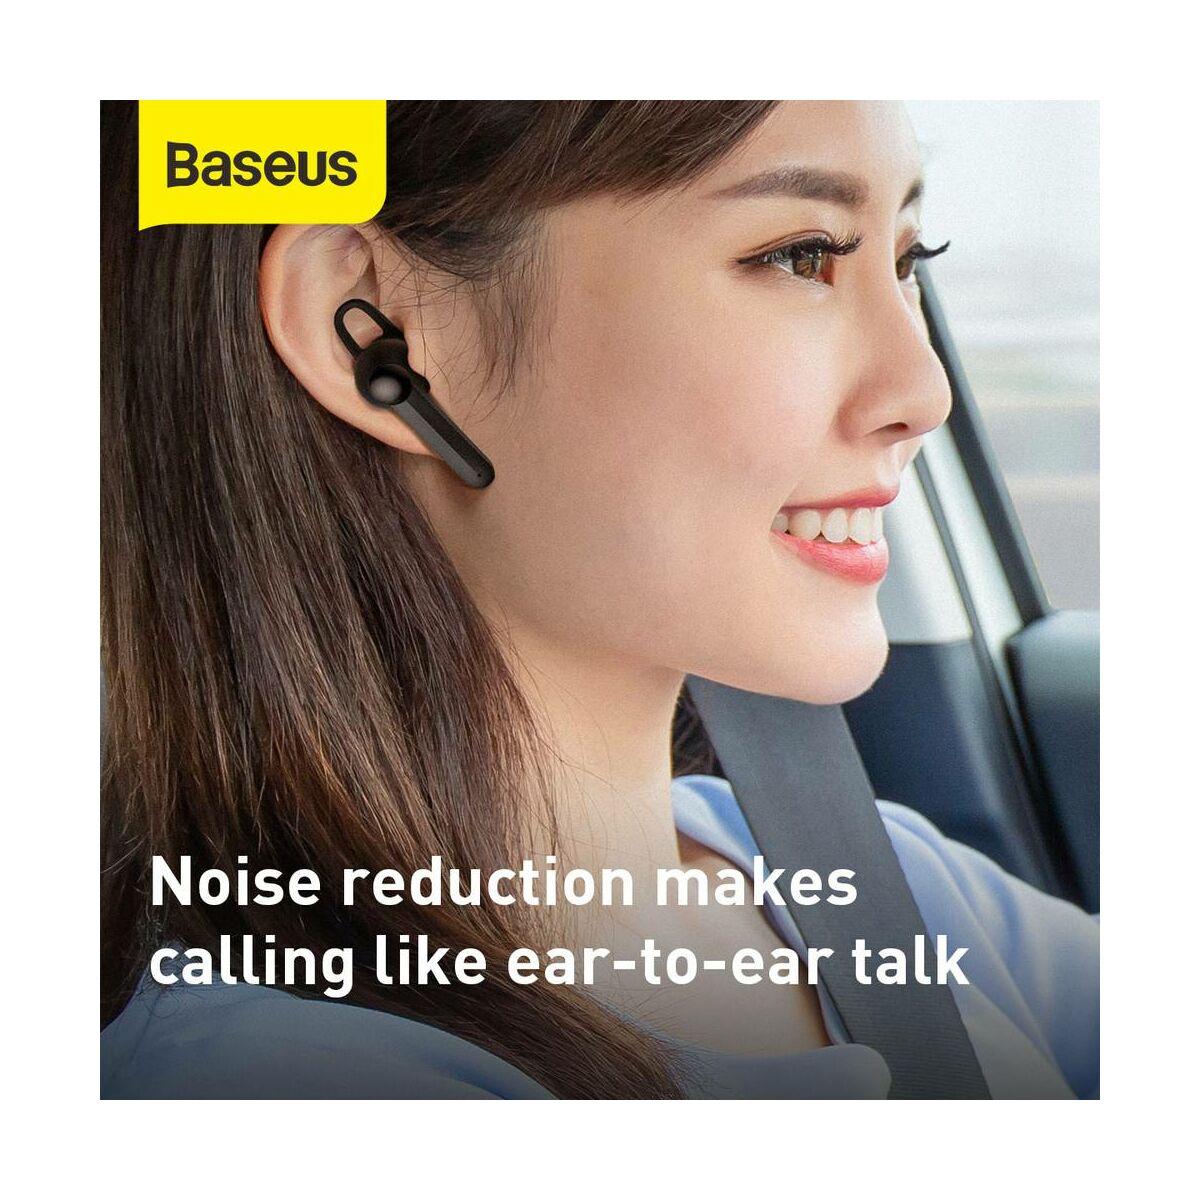 Baseus fülhallgató, Bluetooth Encok A05, Headset, vezeték nélküli, Mono, BT 5.0, fekete (NGA05-01)